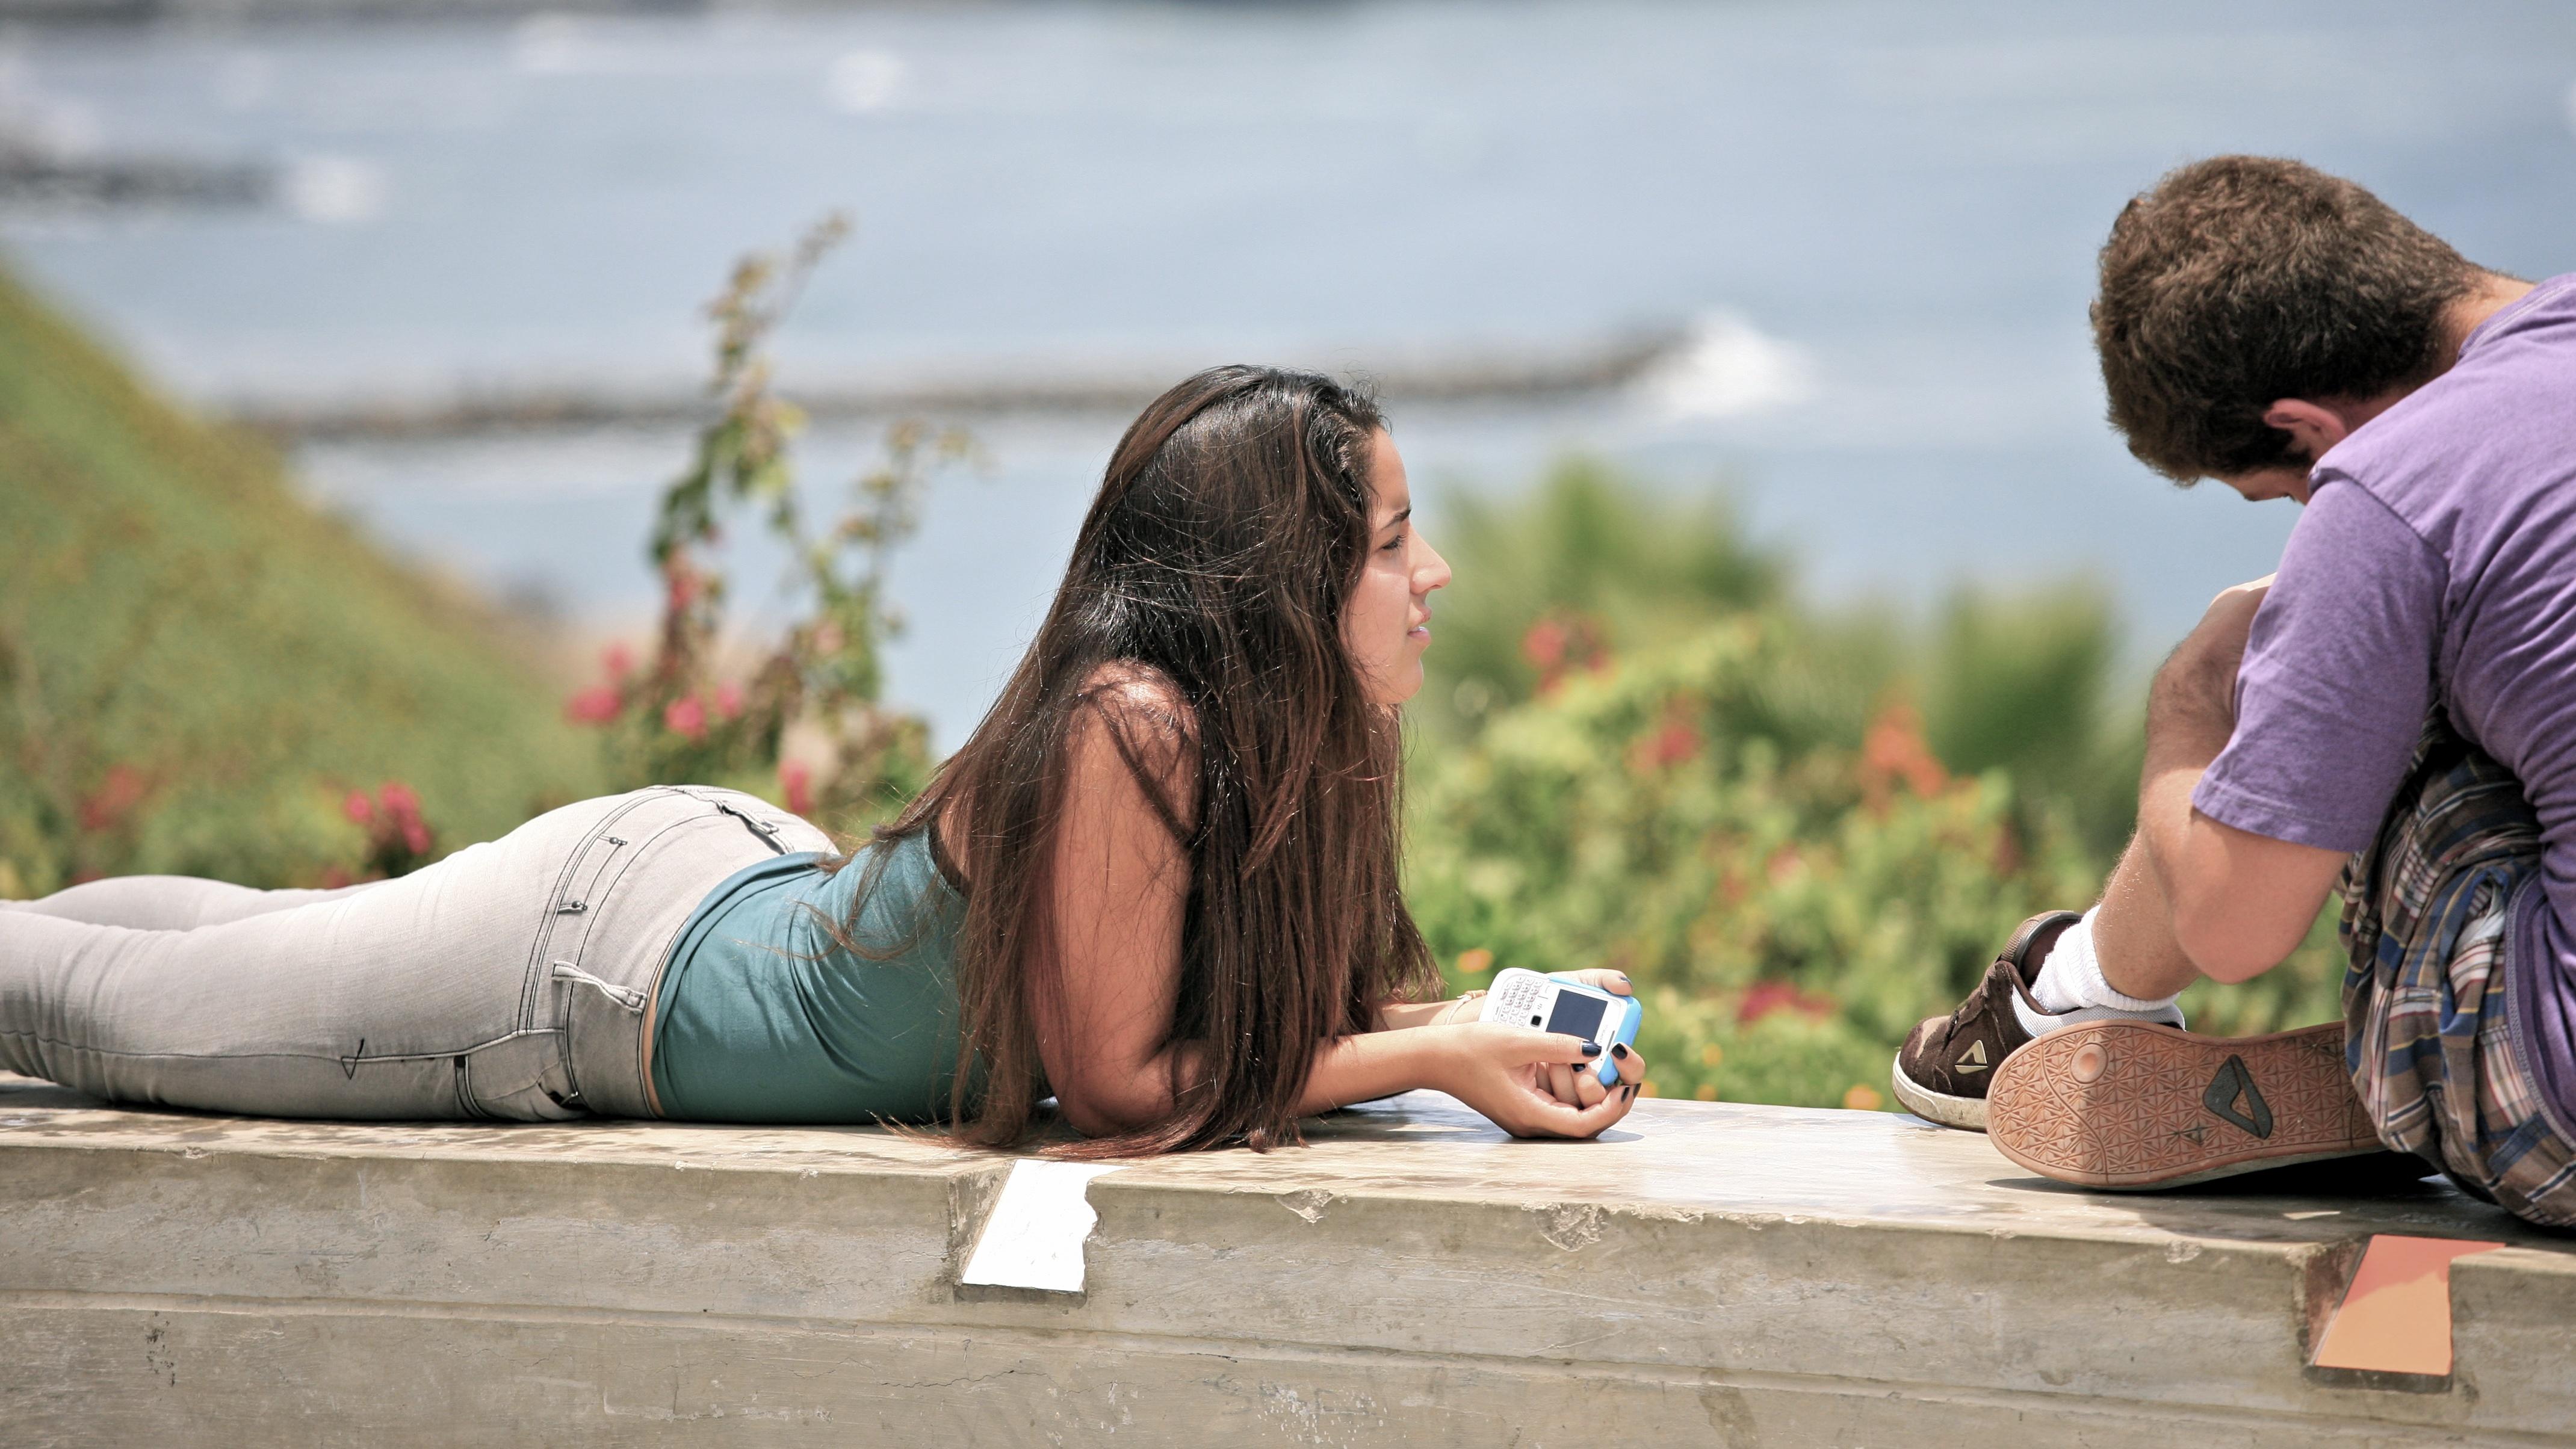 Chilling by the Beach (6905759427) - Los mitos sobre la infidelidad